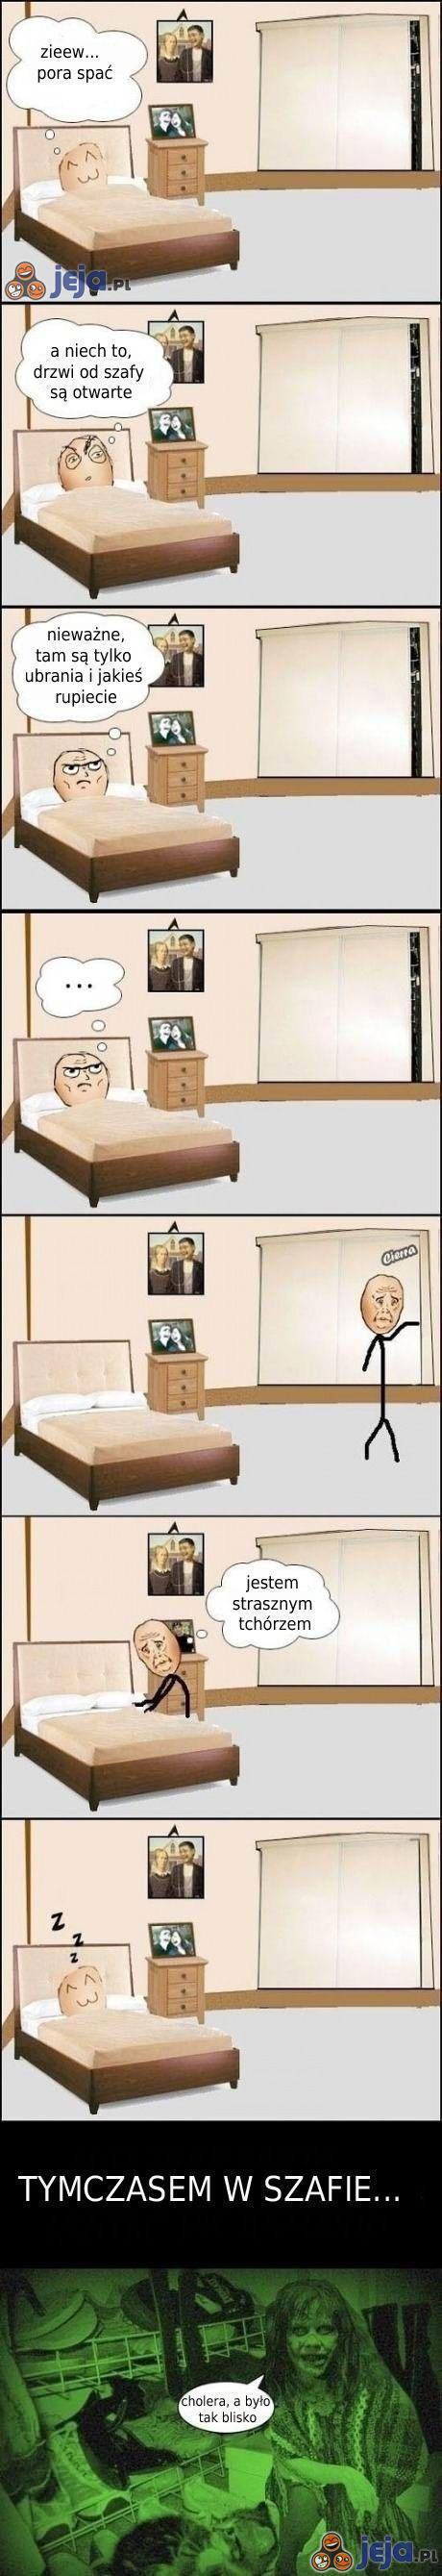 Schizy przed zaśnięciem